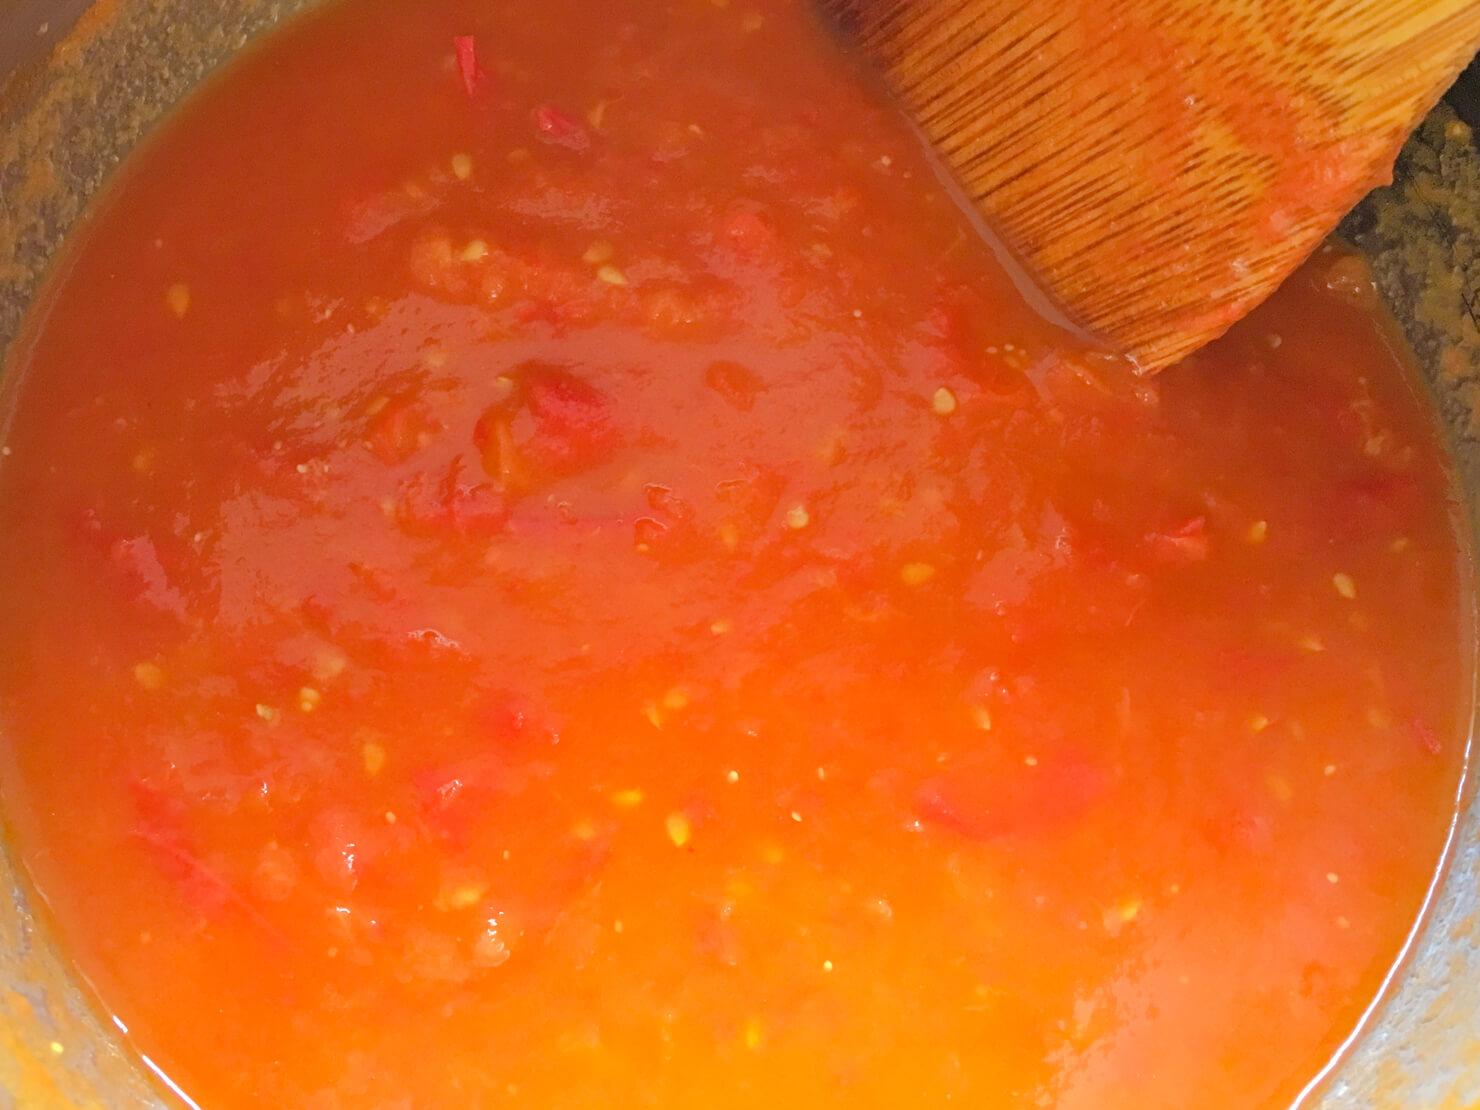 煮詰めたトマトソースの写真